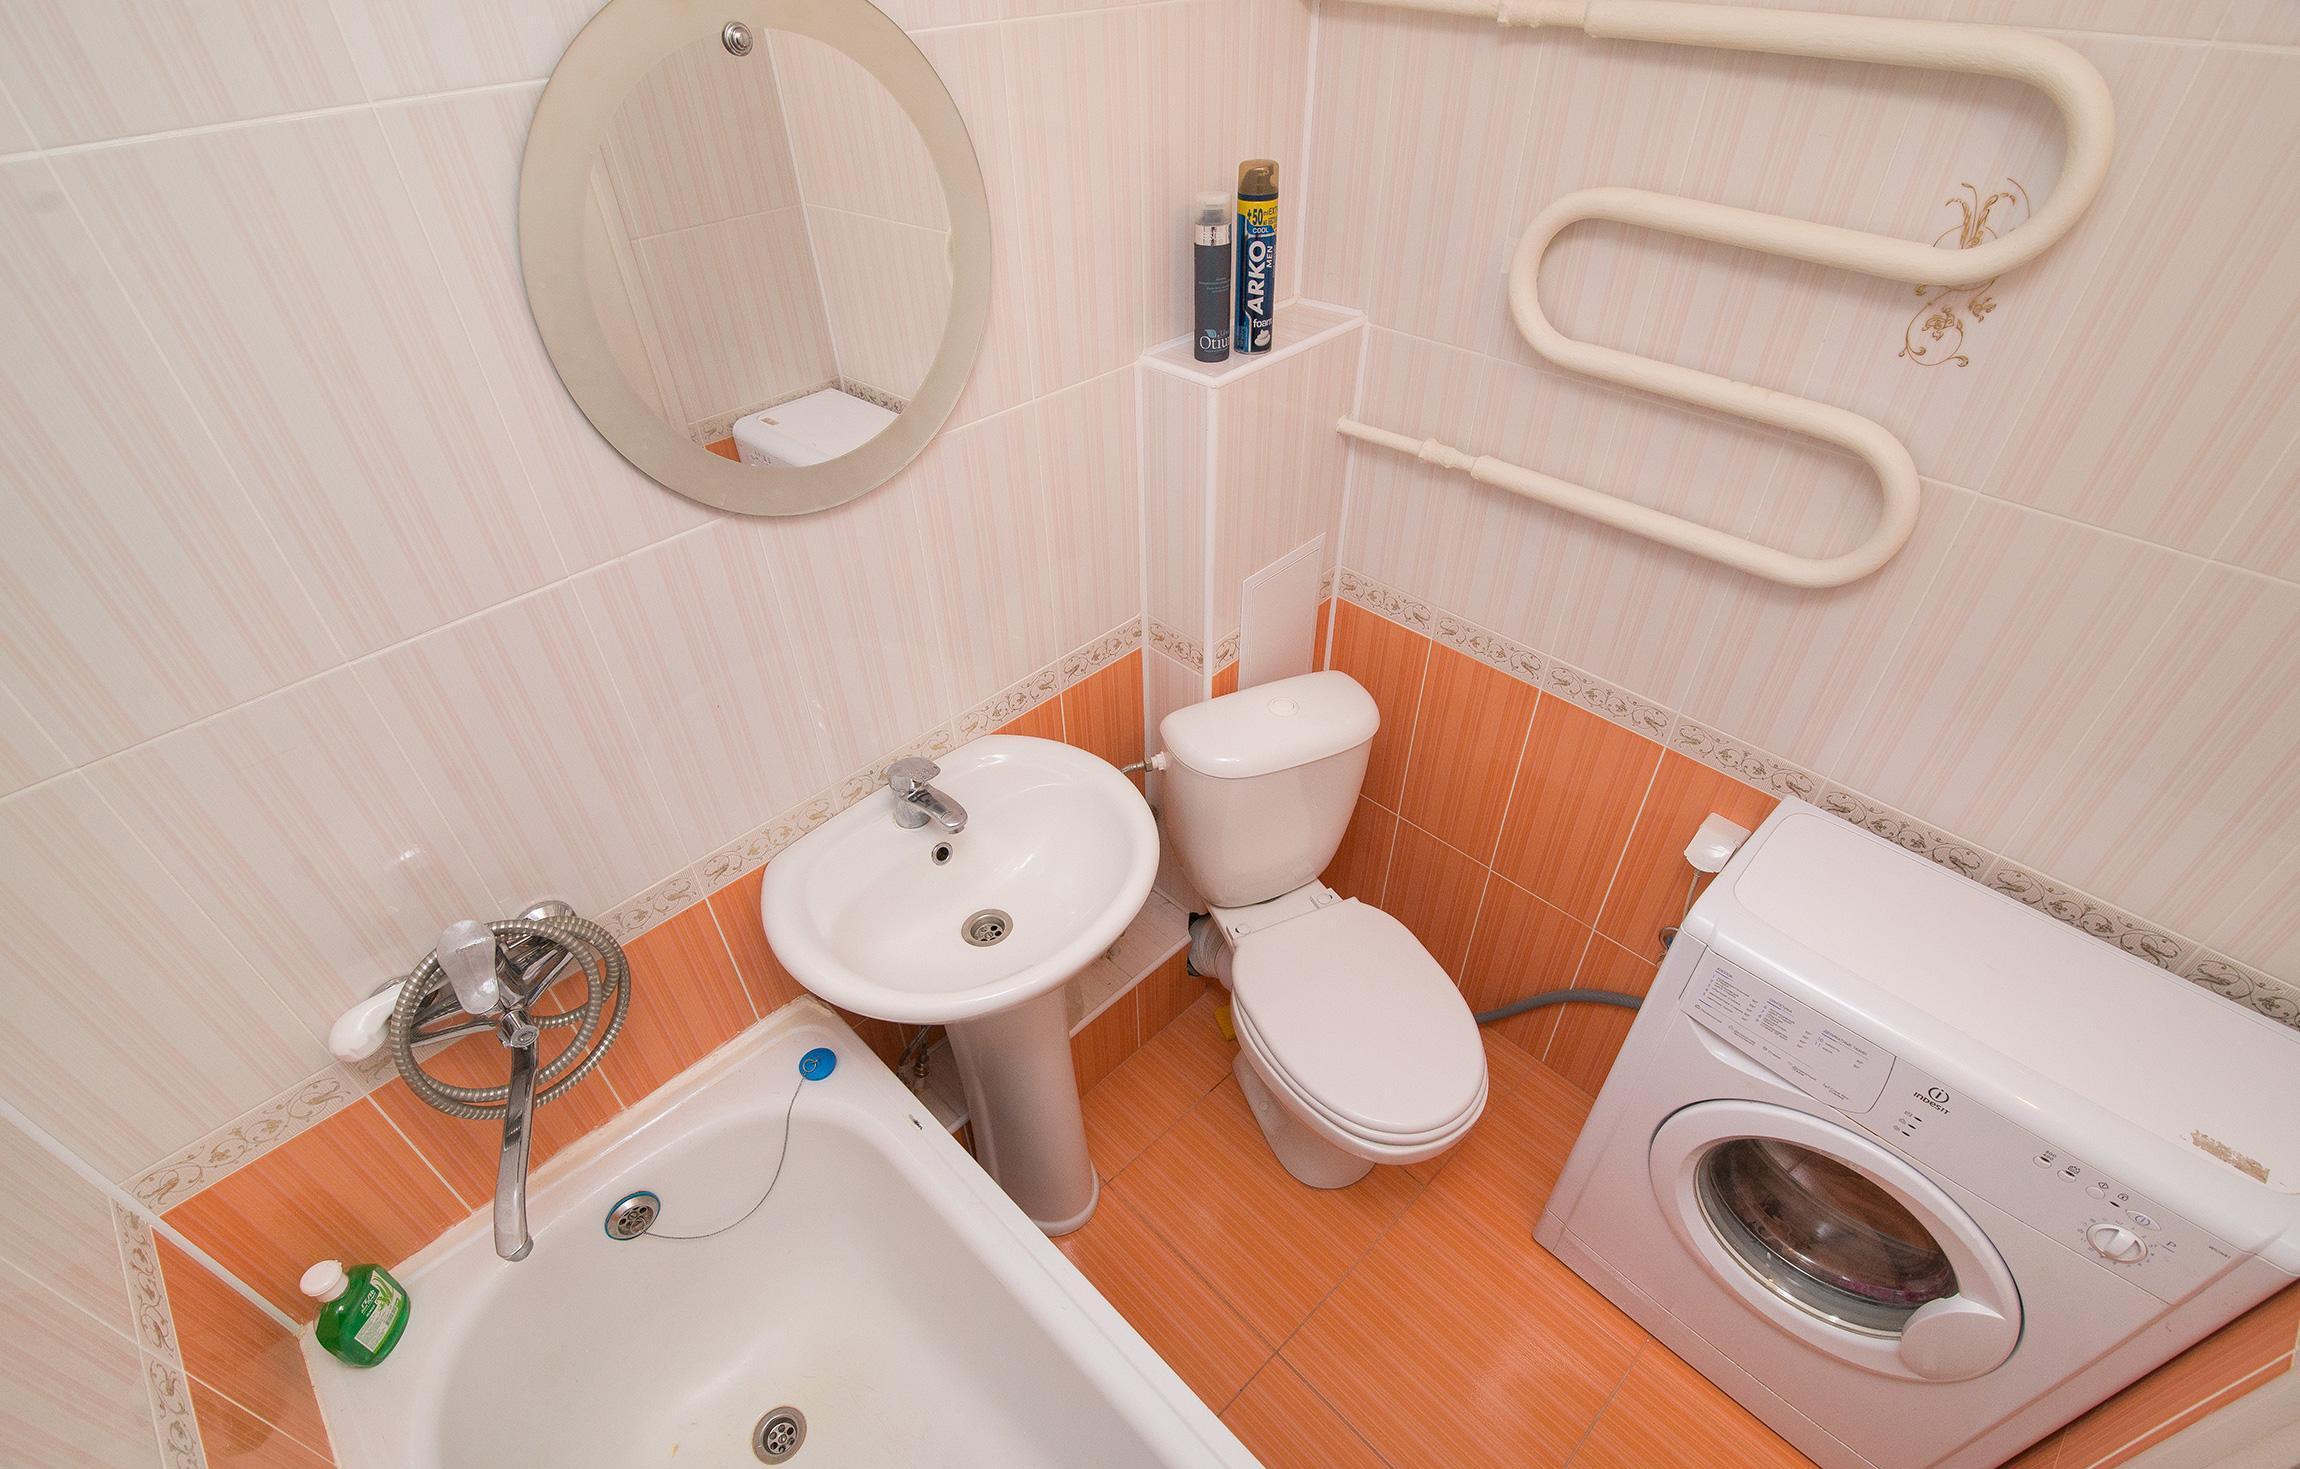 Стиральная машина в ванной комнате 4 кв м